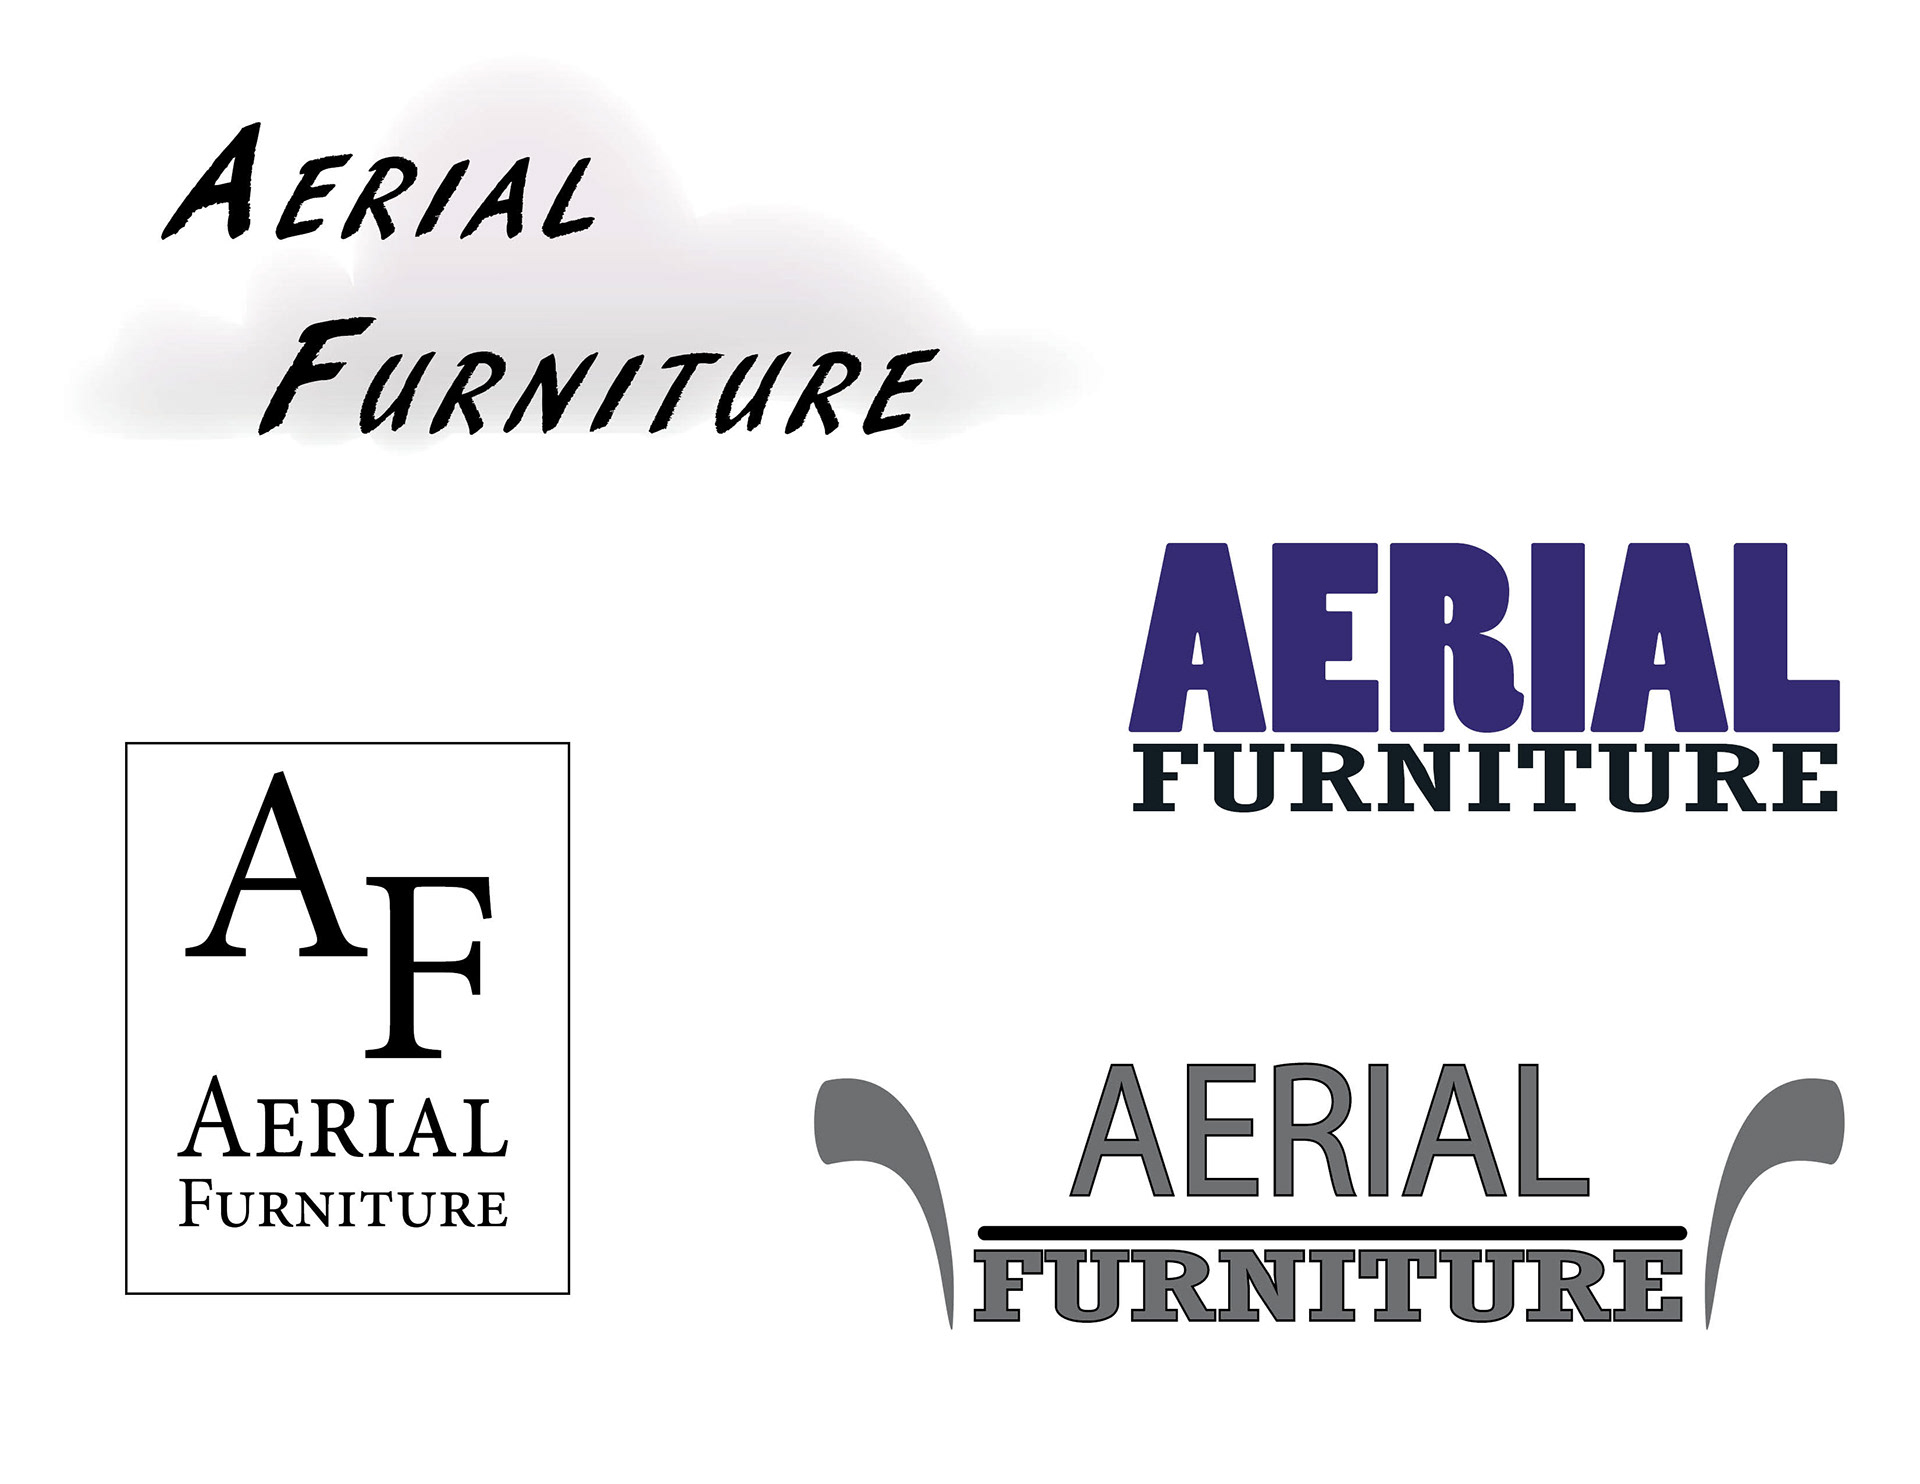 Kelly Sweno Portfolio Furniture Logos